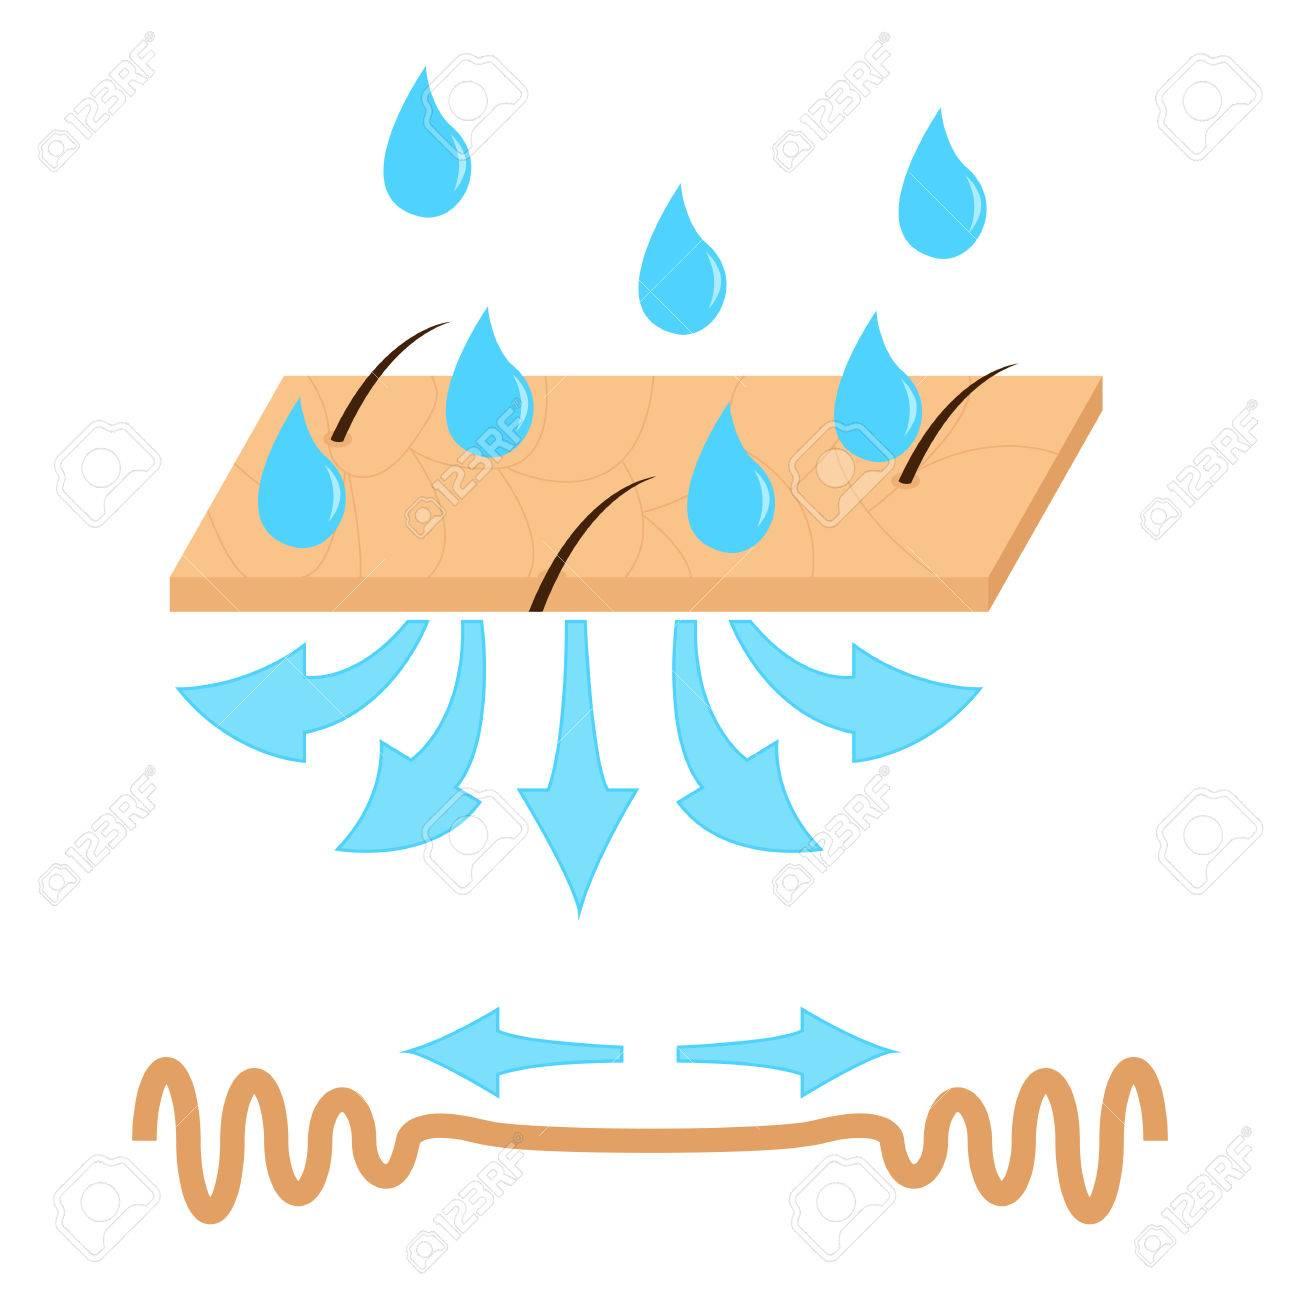 肌の水分補給としわベクトル イラストのイラスト素材ベクタ Image